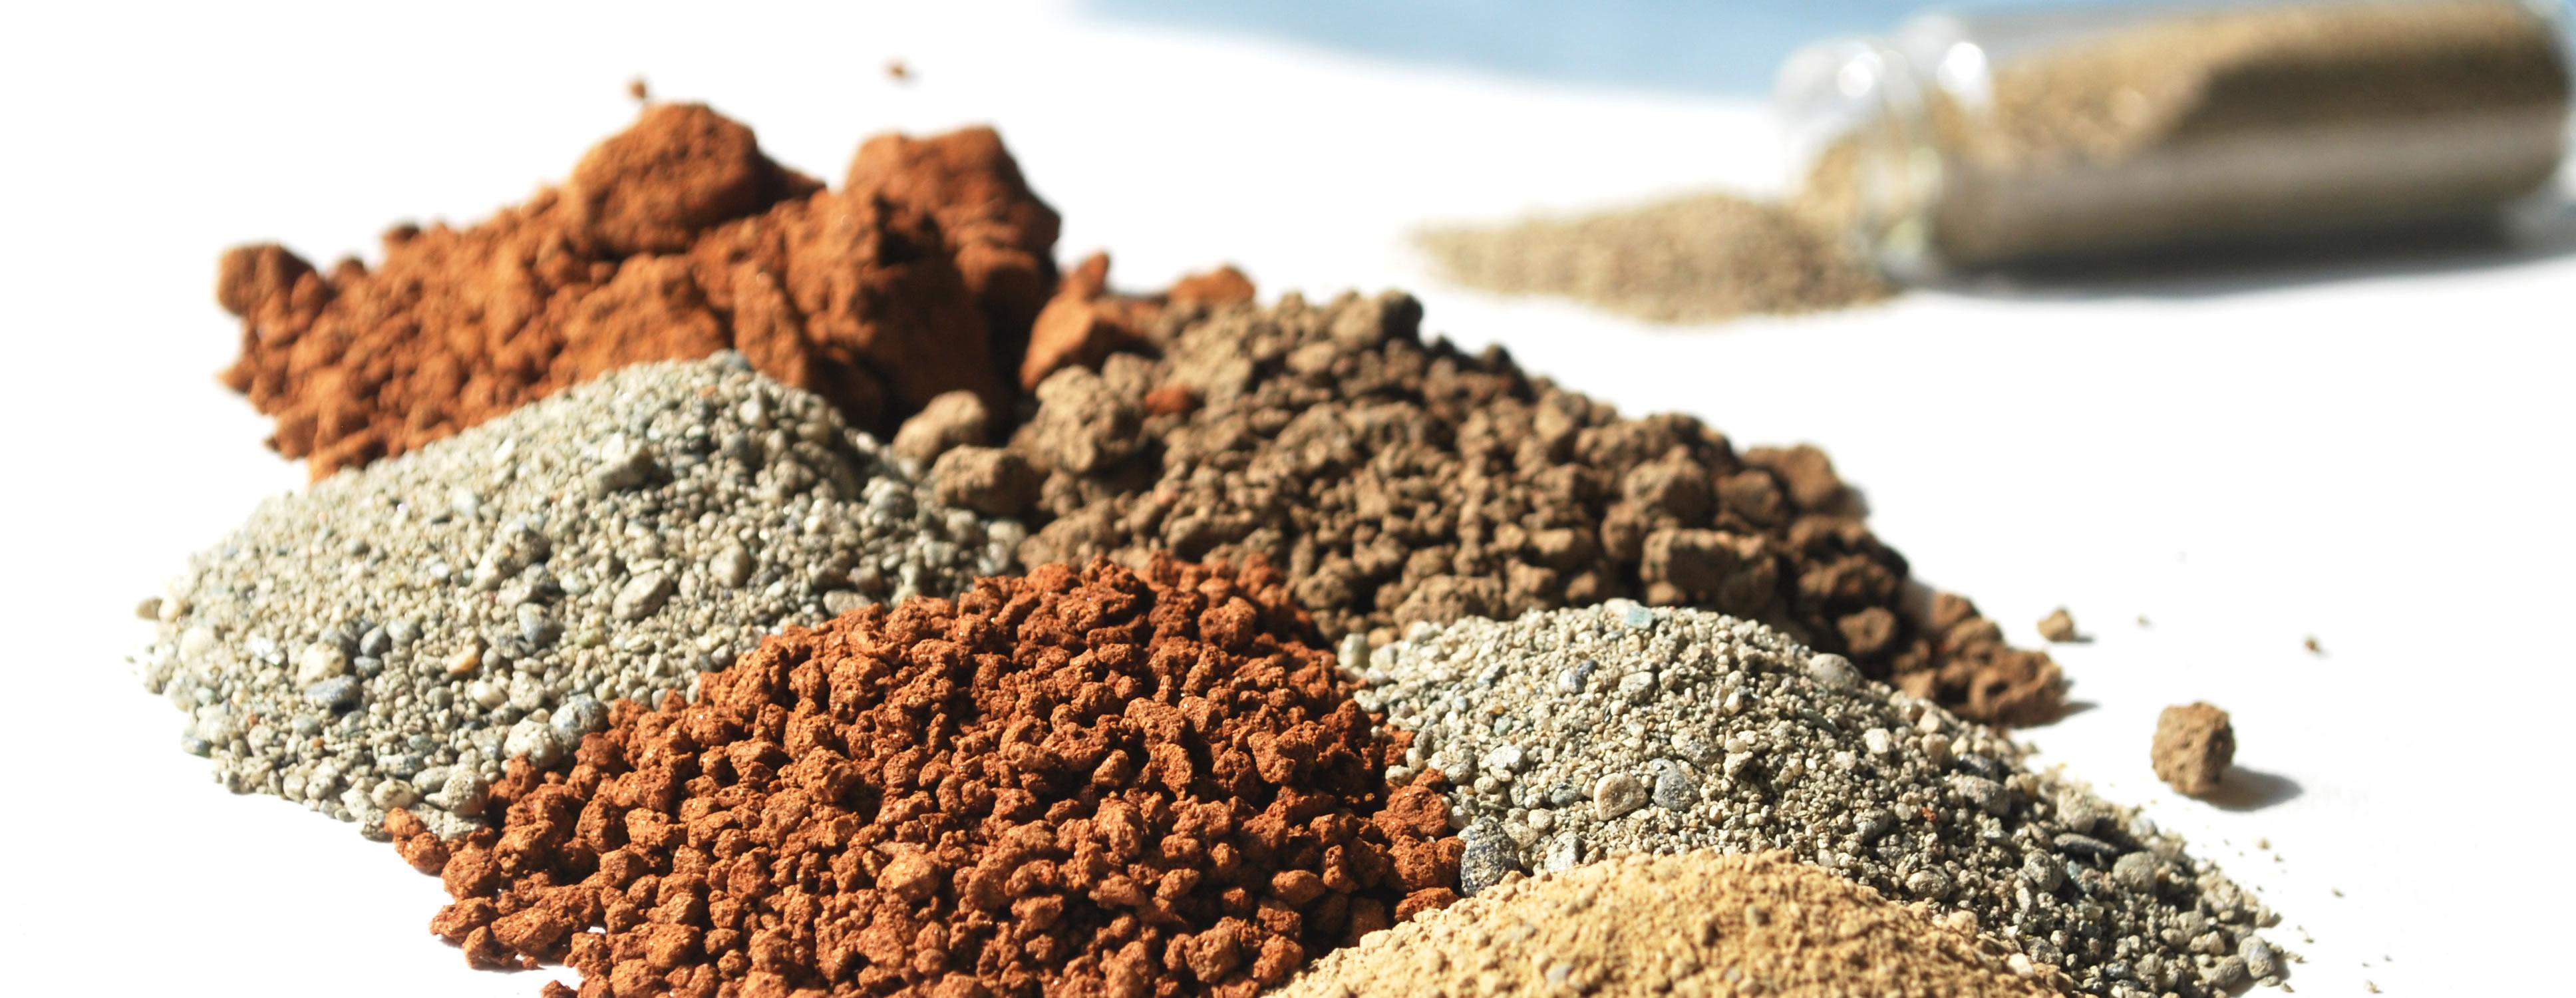 Eseguire analisi suolo